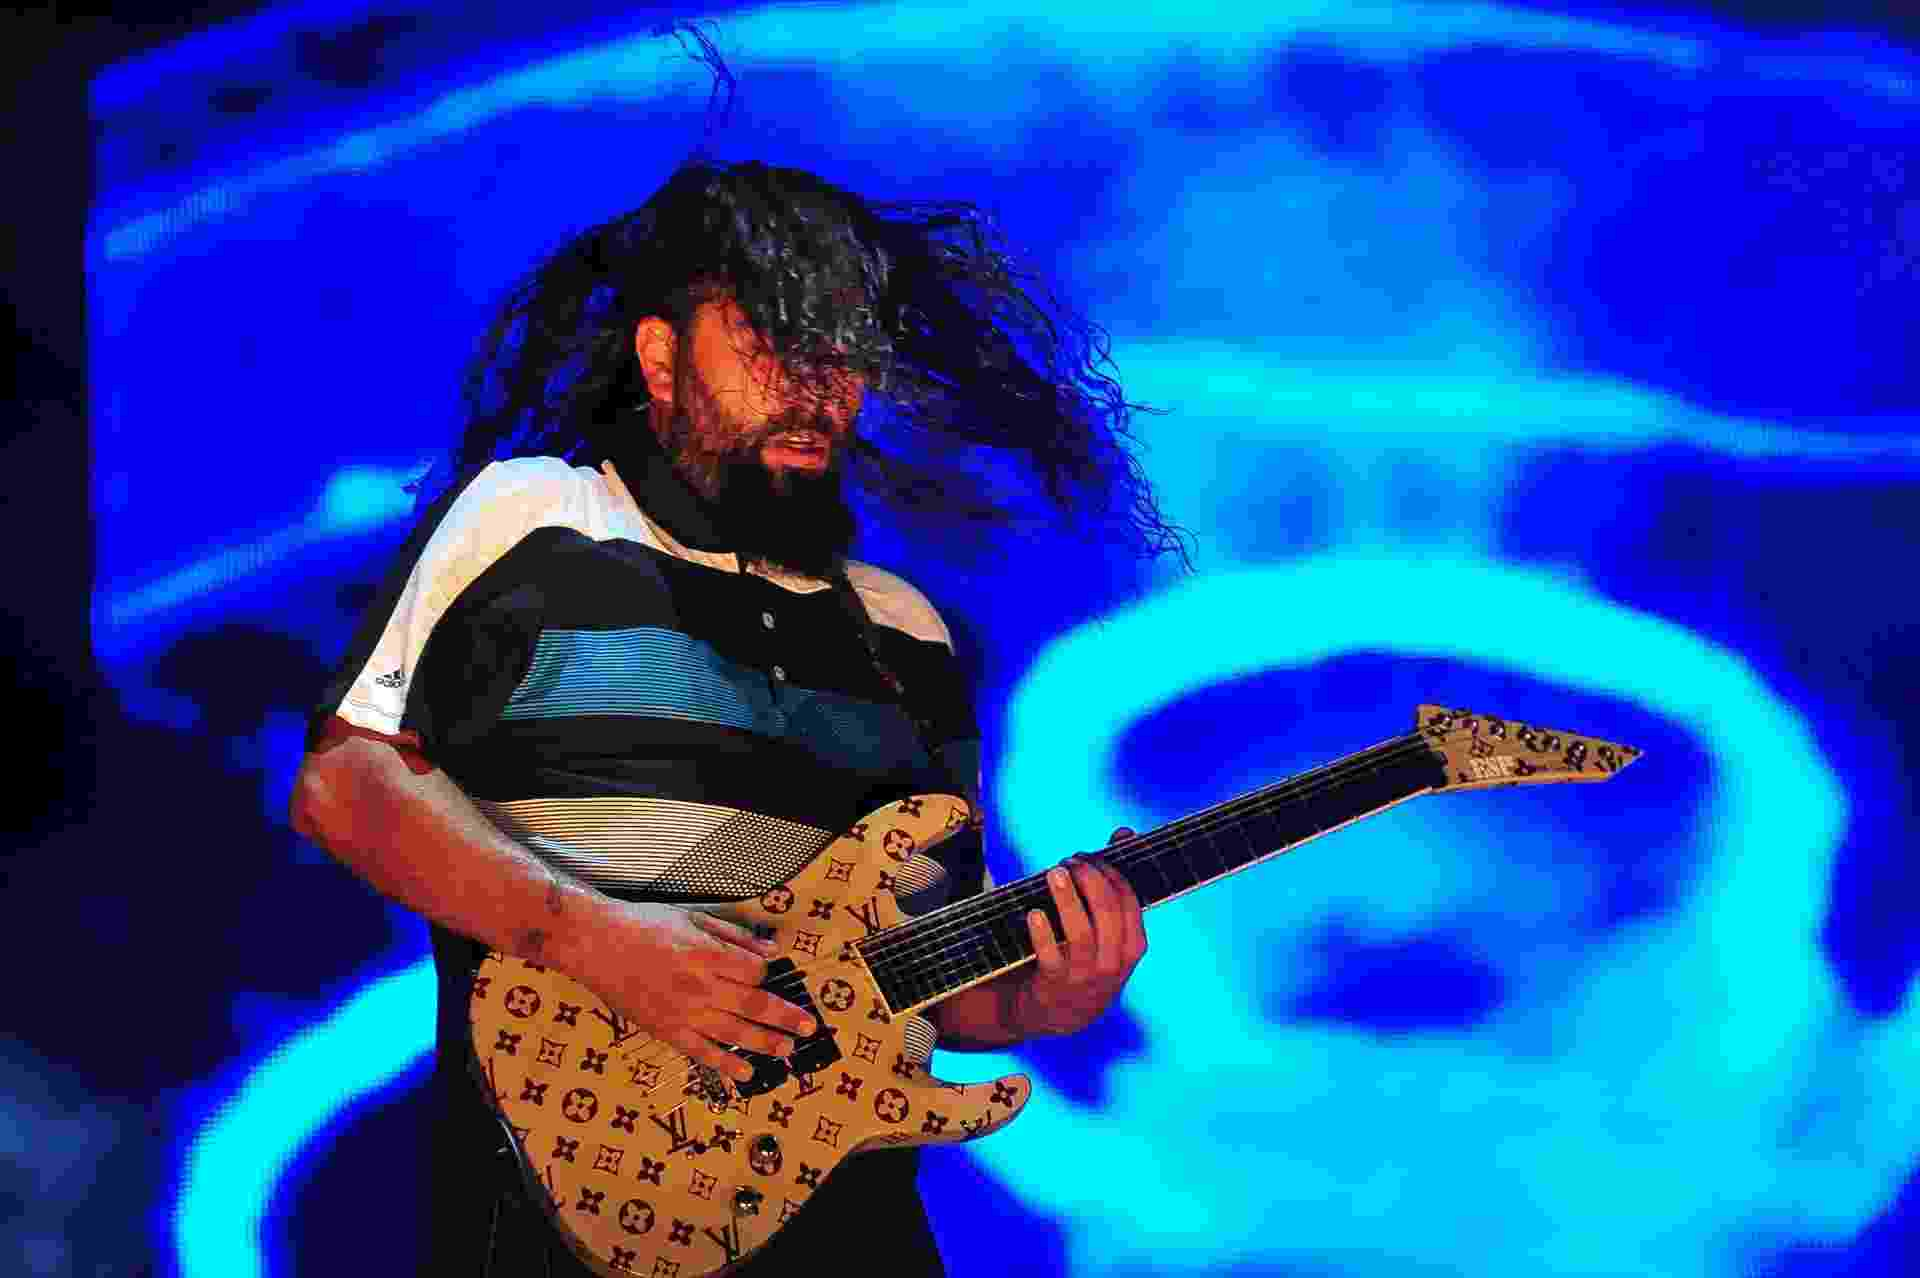 24.set.2015 - O guitarrista do Deftones, Stephen Carpenter, com guitarra com símbolos da Louis Vuitton no show do Rock in Rio 2015 - Ilan Pellemberg/Agência Estado